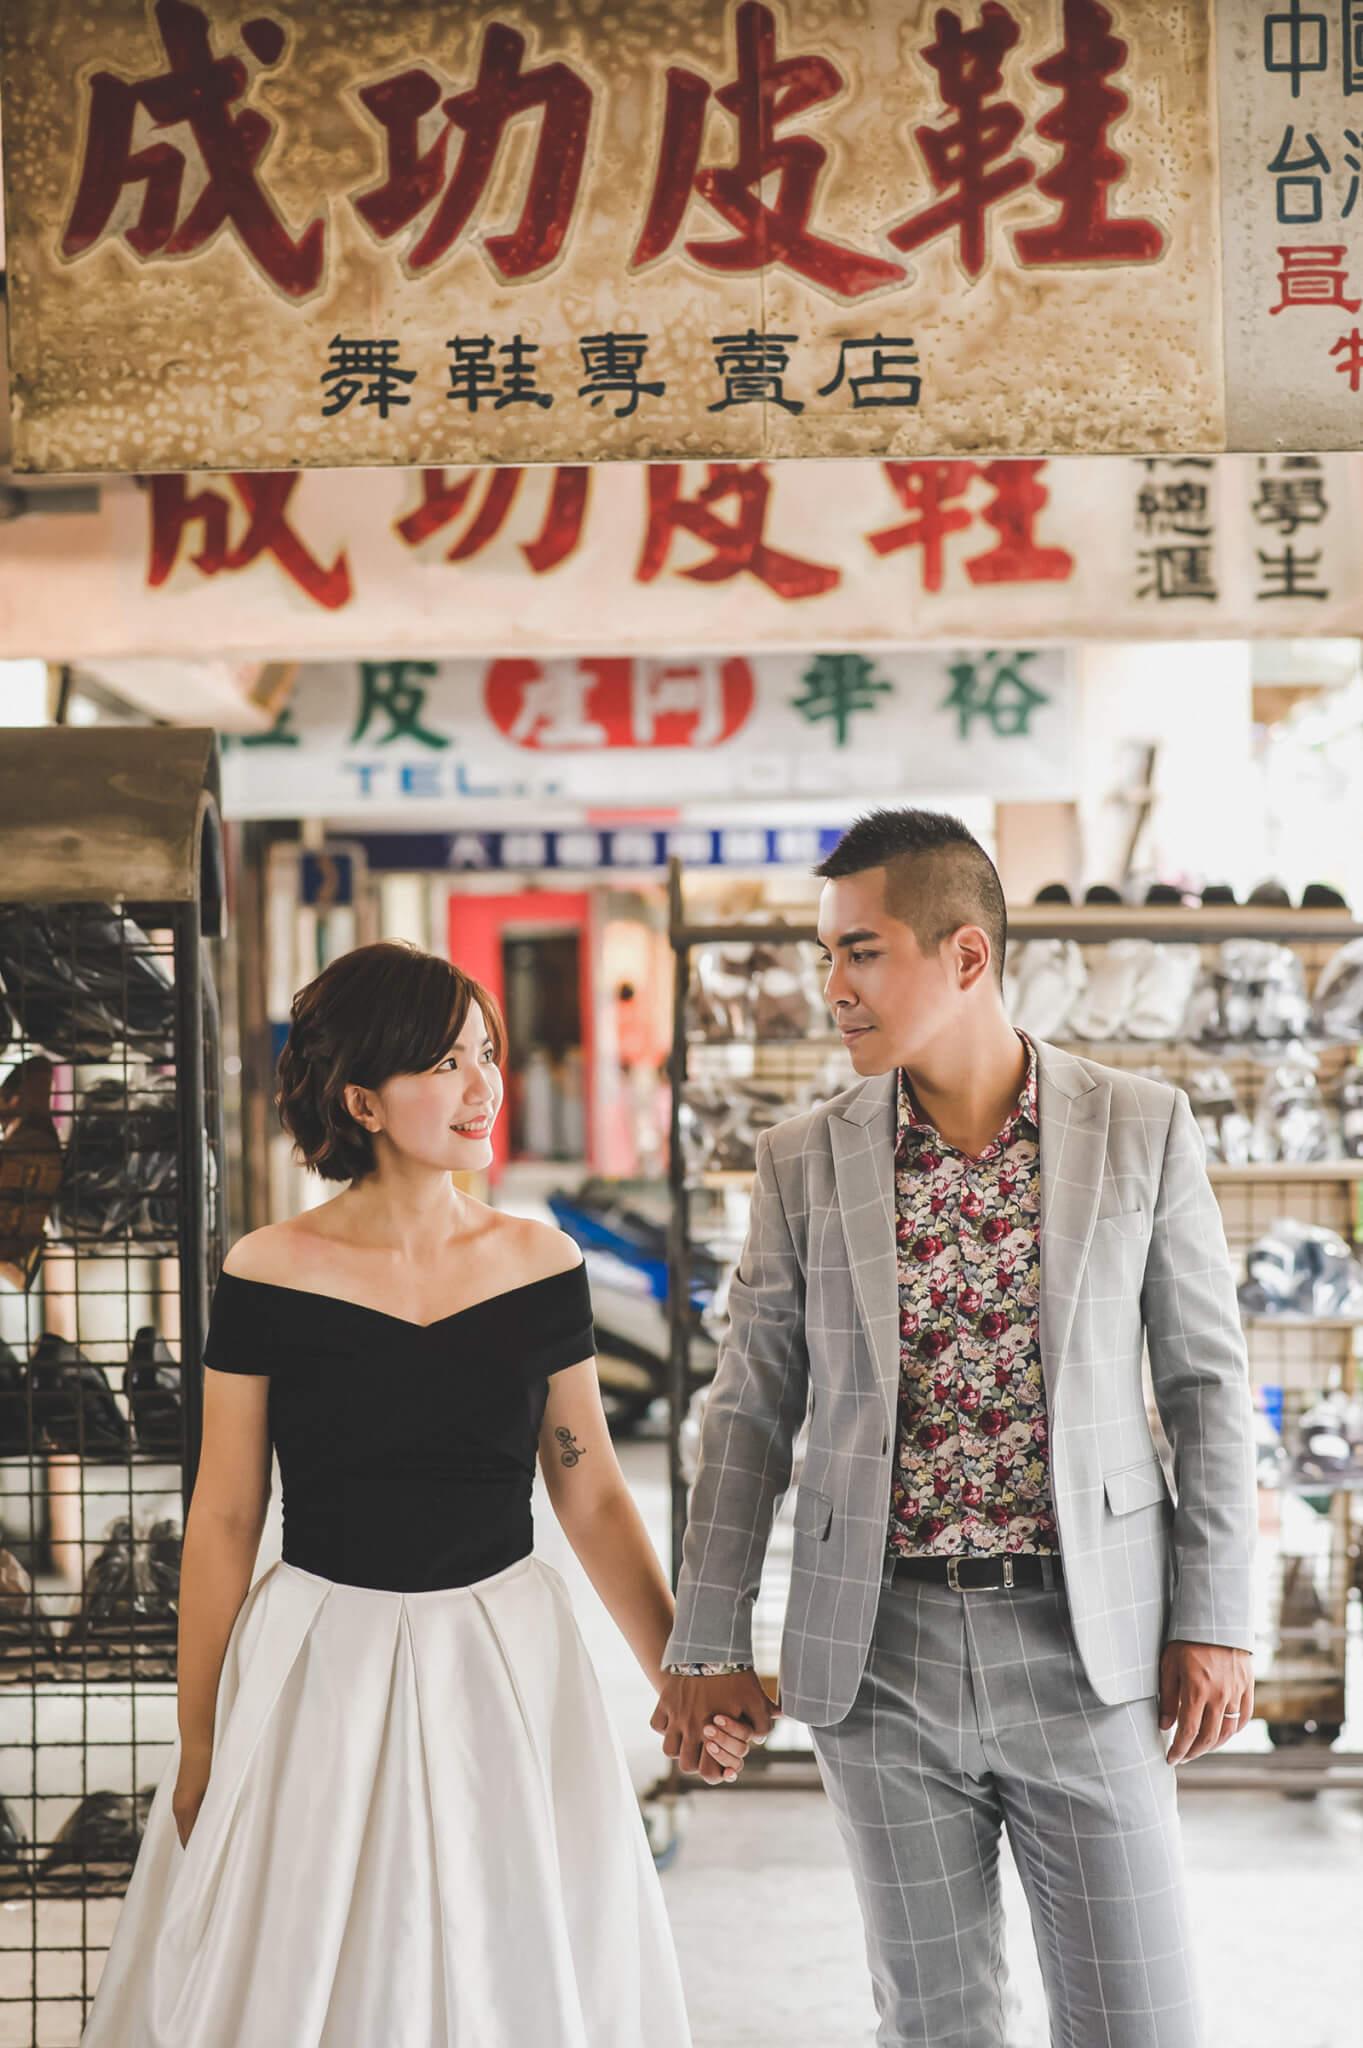 【自助婚紗】這才是我們的故事|  基隆中山橋|彩虹屋